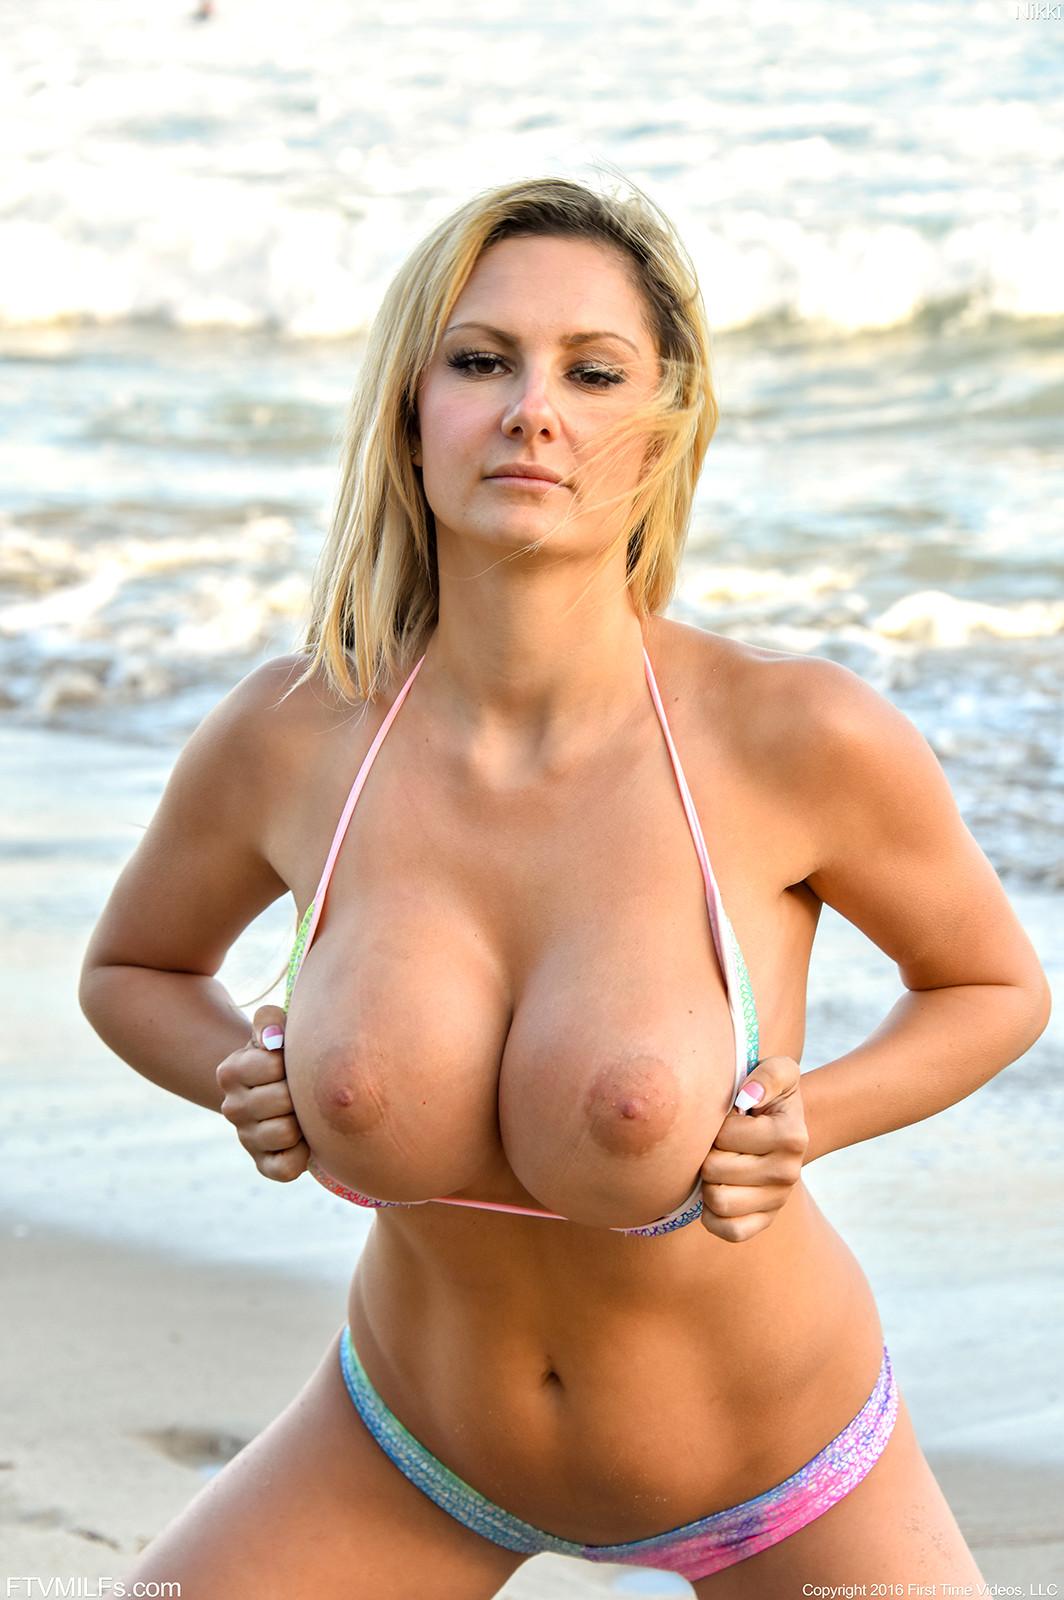 Bikini Boobs And Huge Tits Pics